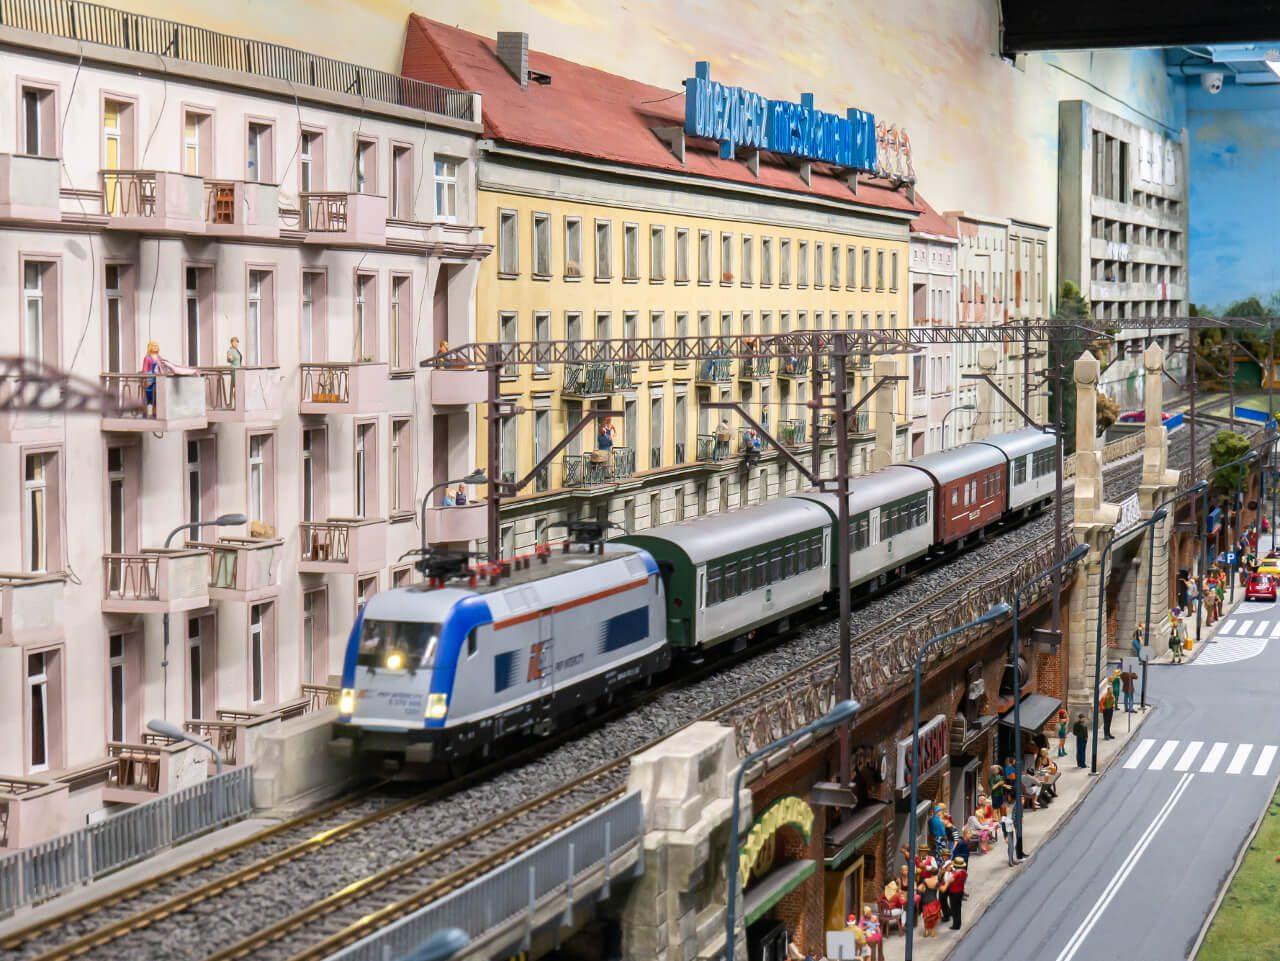 Estakada z pociągiem we Wrocławiu Kolejkowo